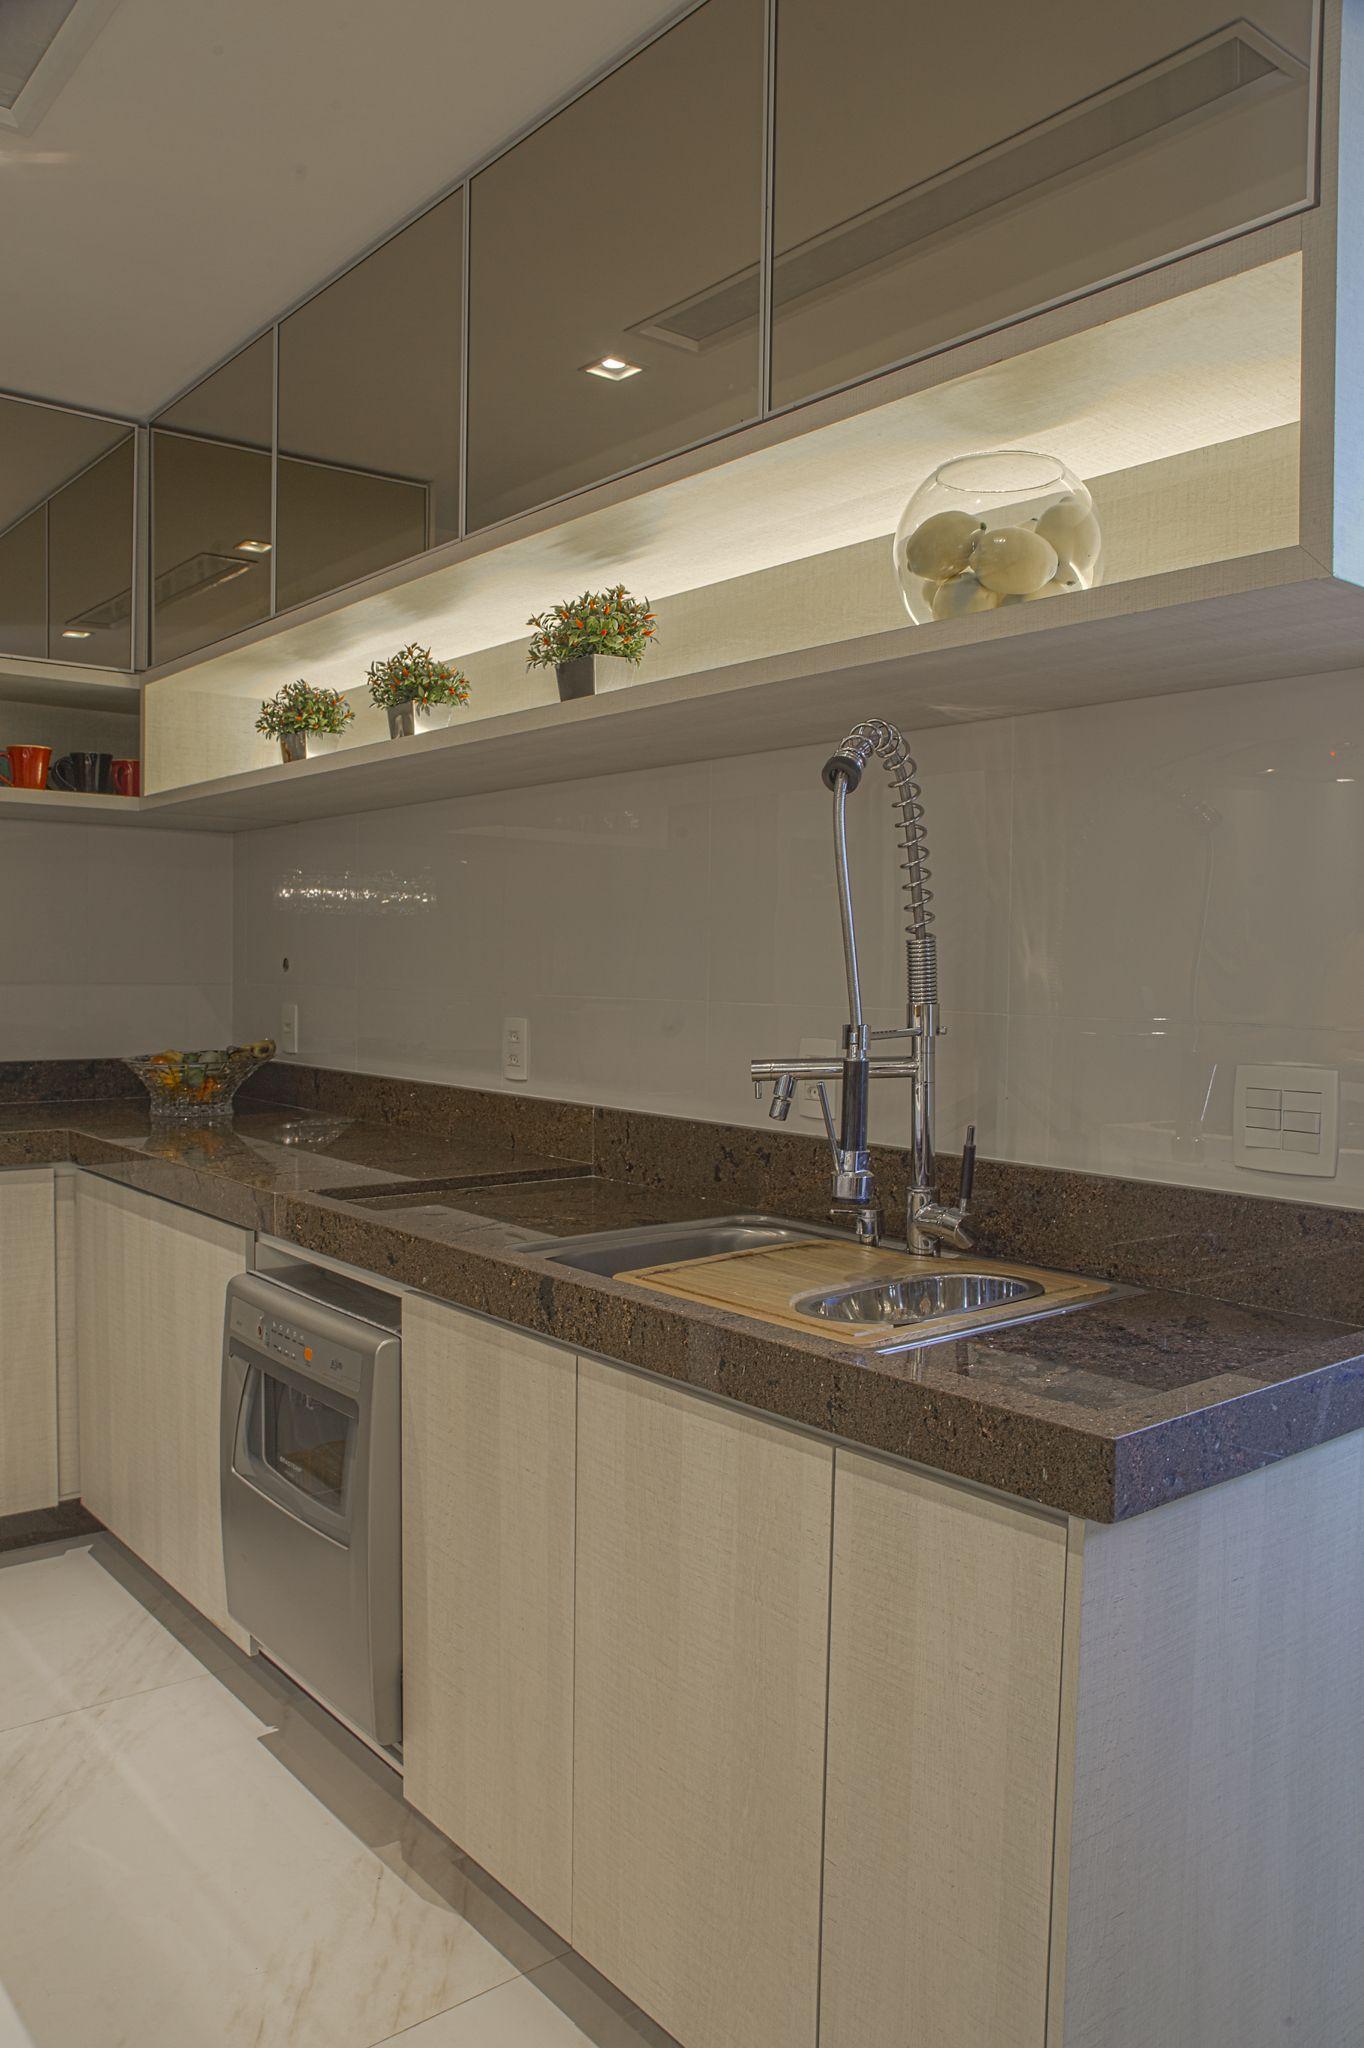 Armario superior com portas espelhadas e nicho iluminado para Cozinha Projeto Carolina Fontes